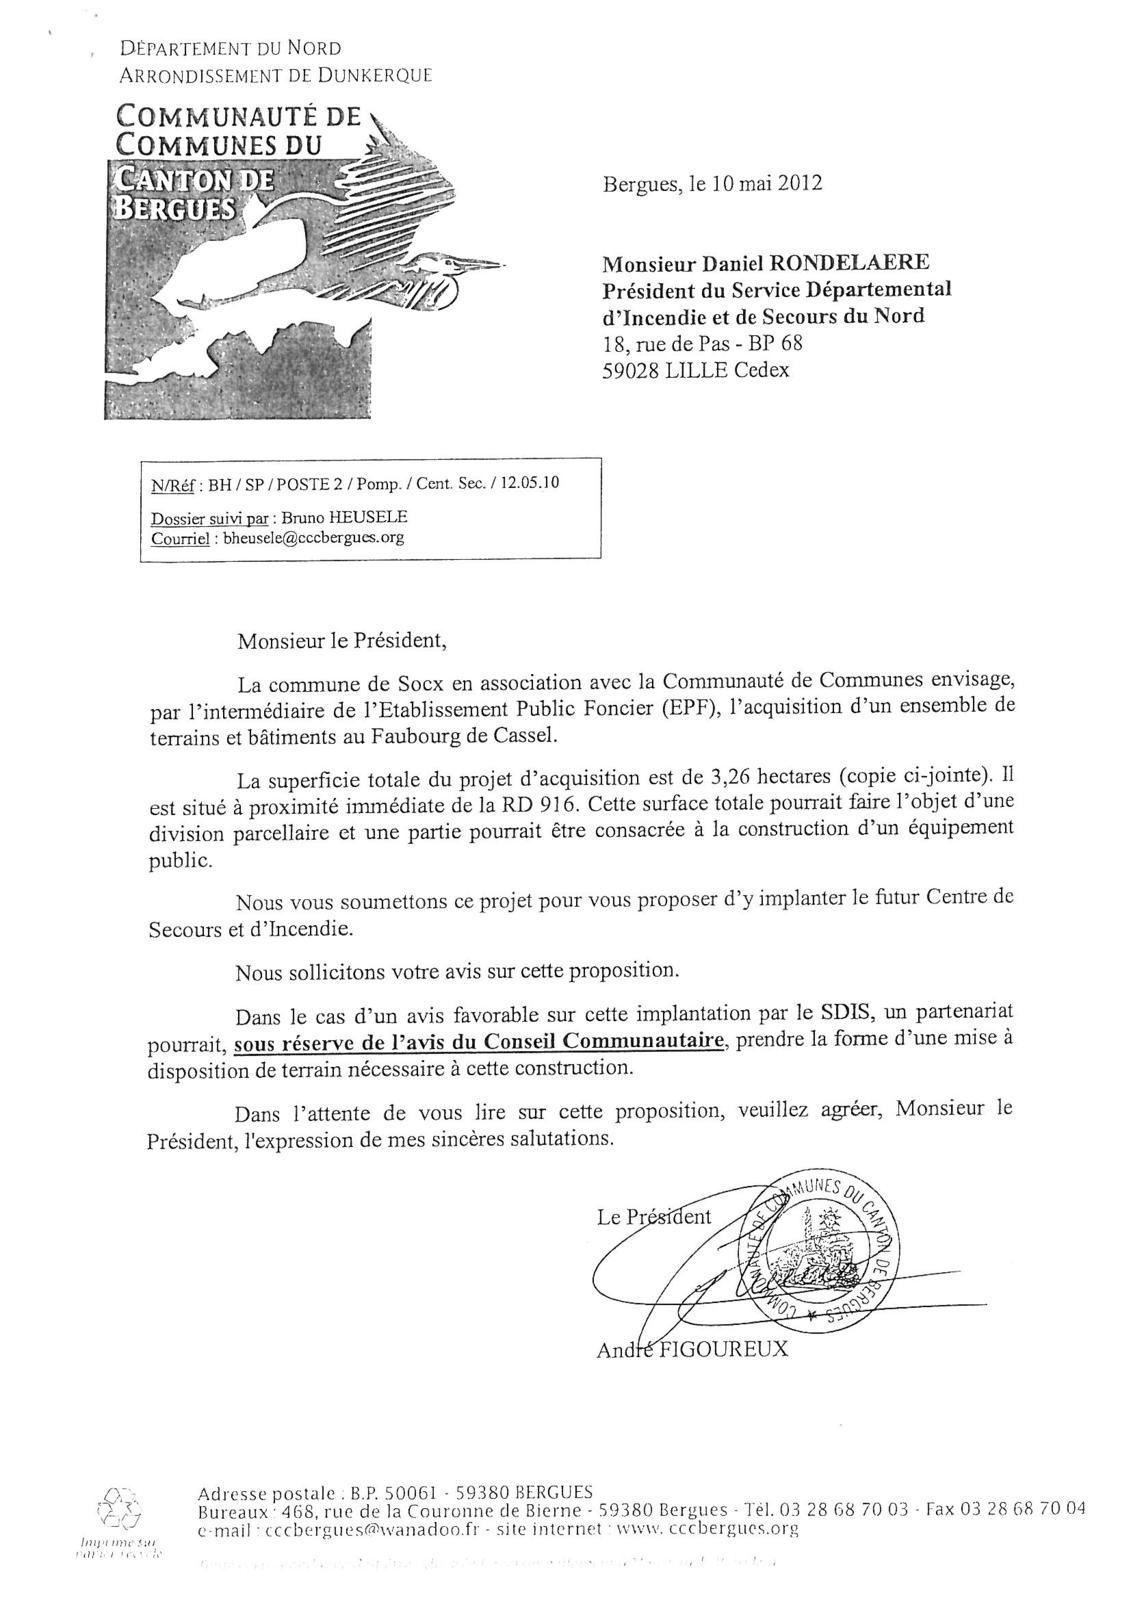 CIS : (Centre d'Incendie et de Secours) de Bergues.